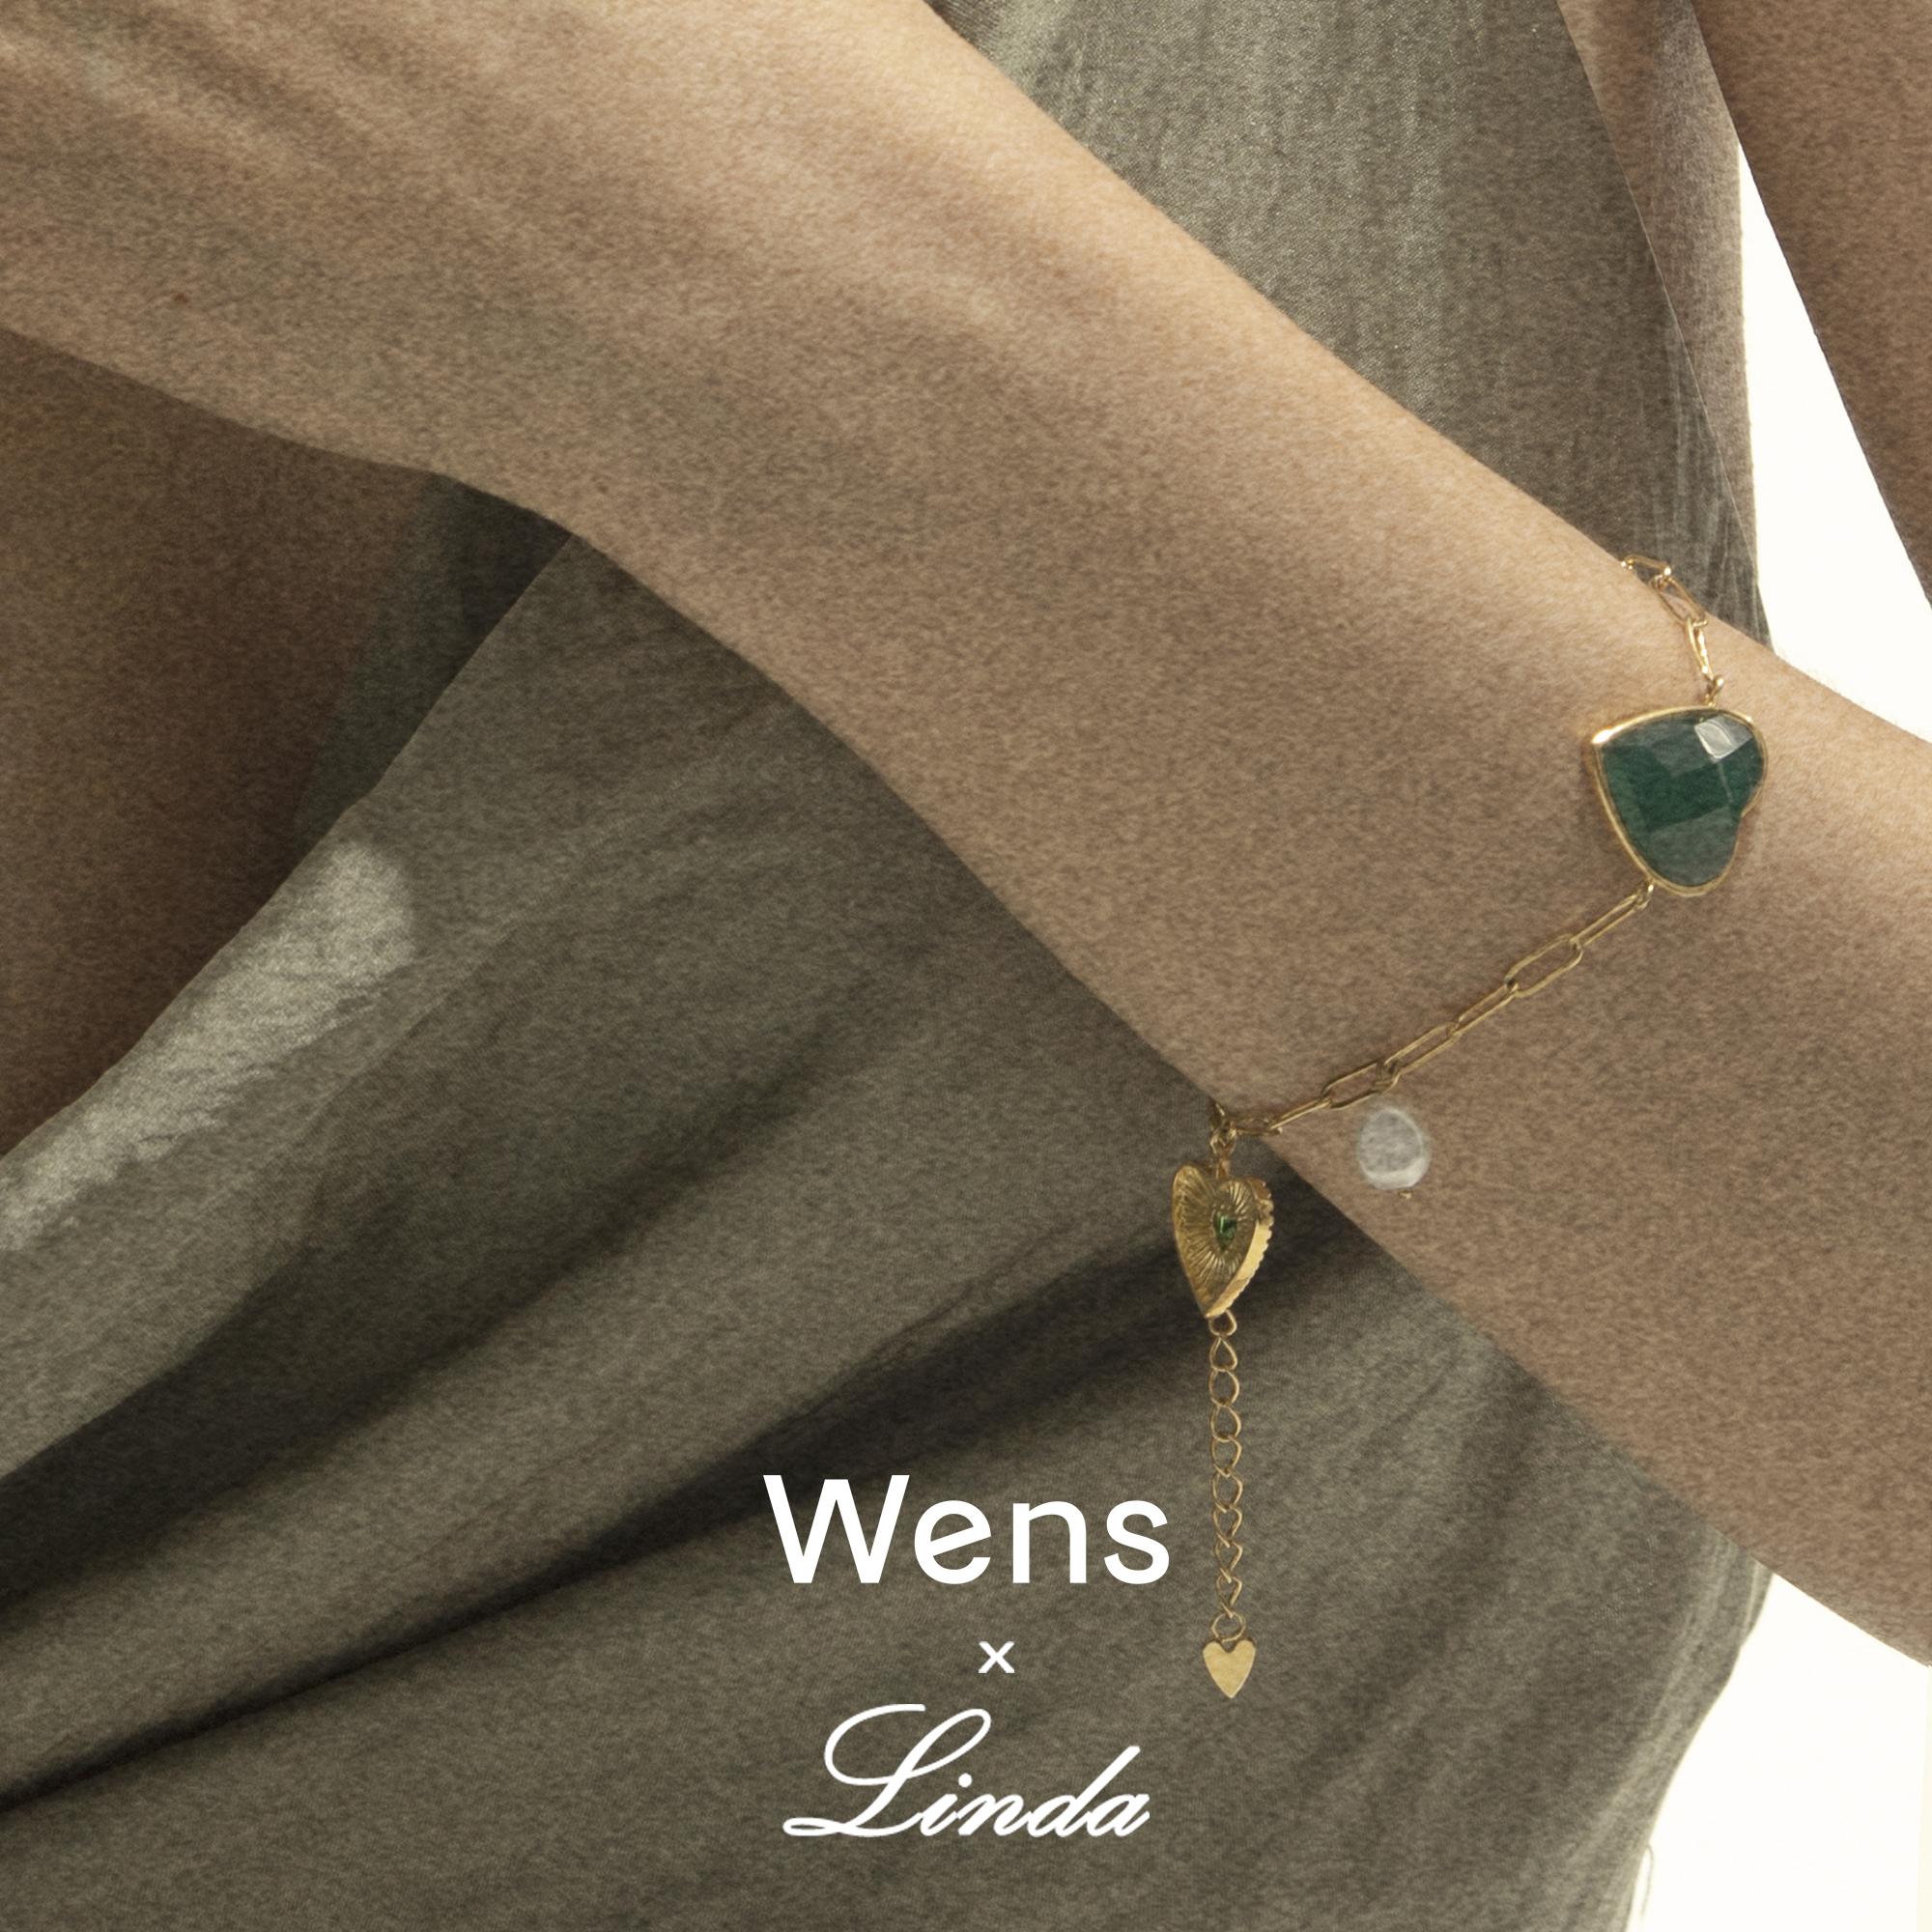 爱心复古绿玛瑙手链 联名系列窄创设计 Linda X Wens 官方店 Wens